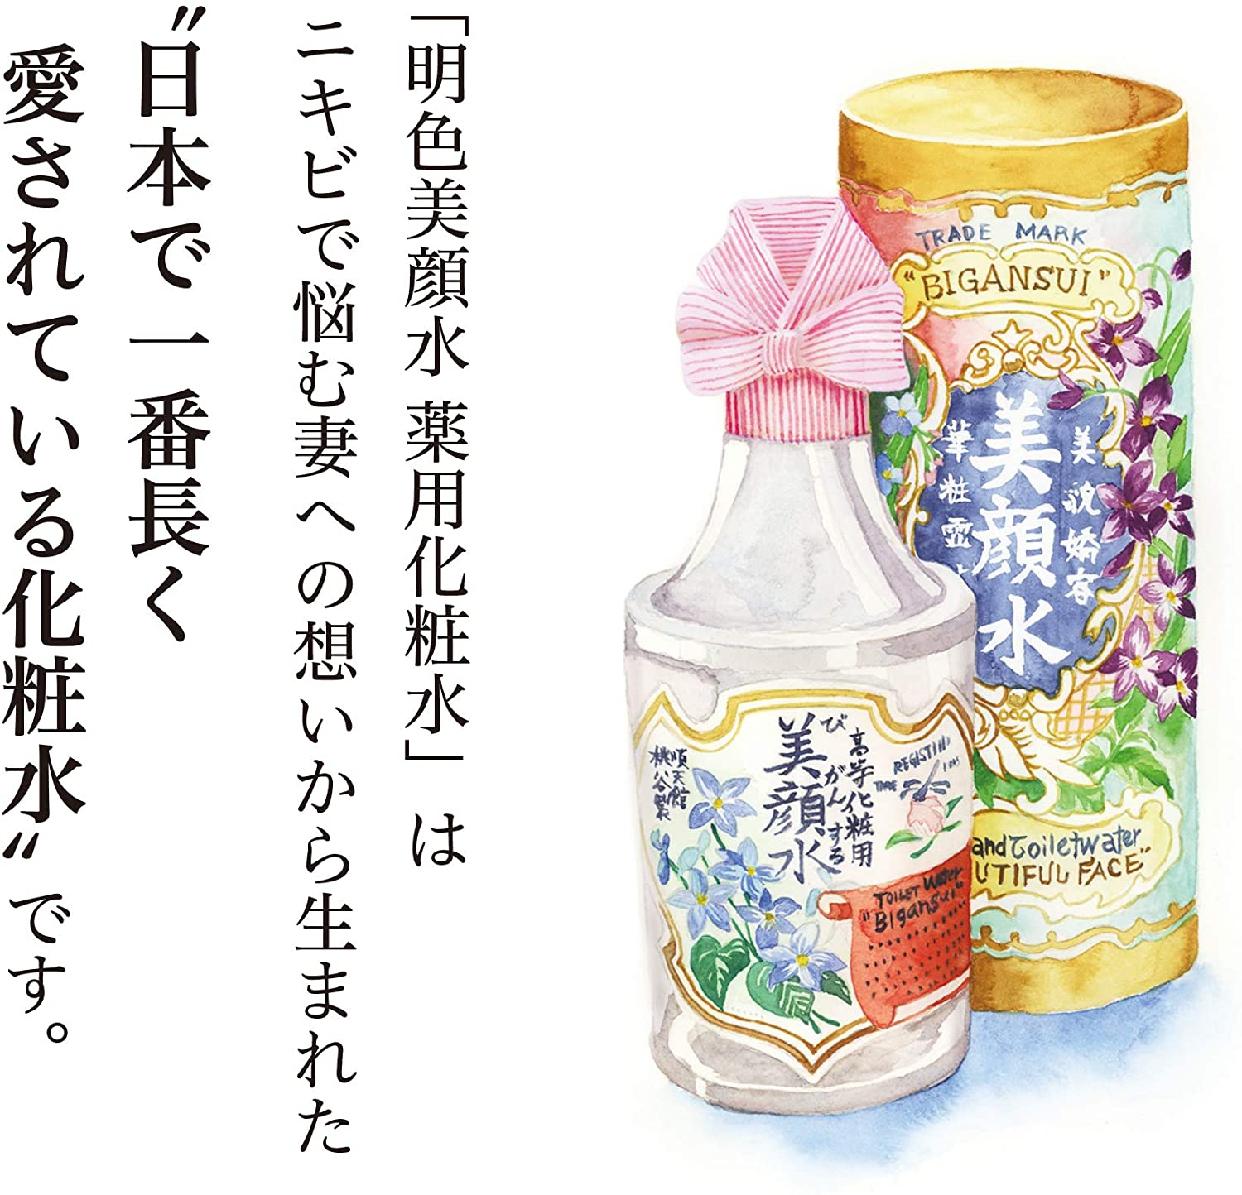 明色美顔水(めいしょく)薬用化粧水の商品画像8